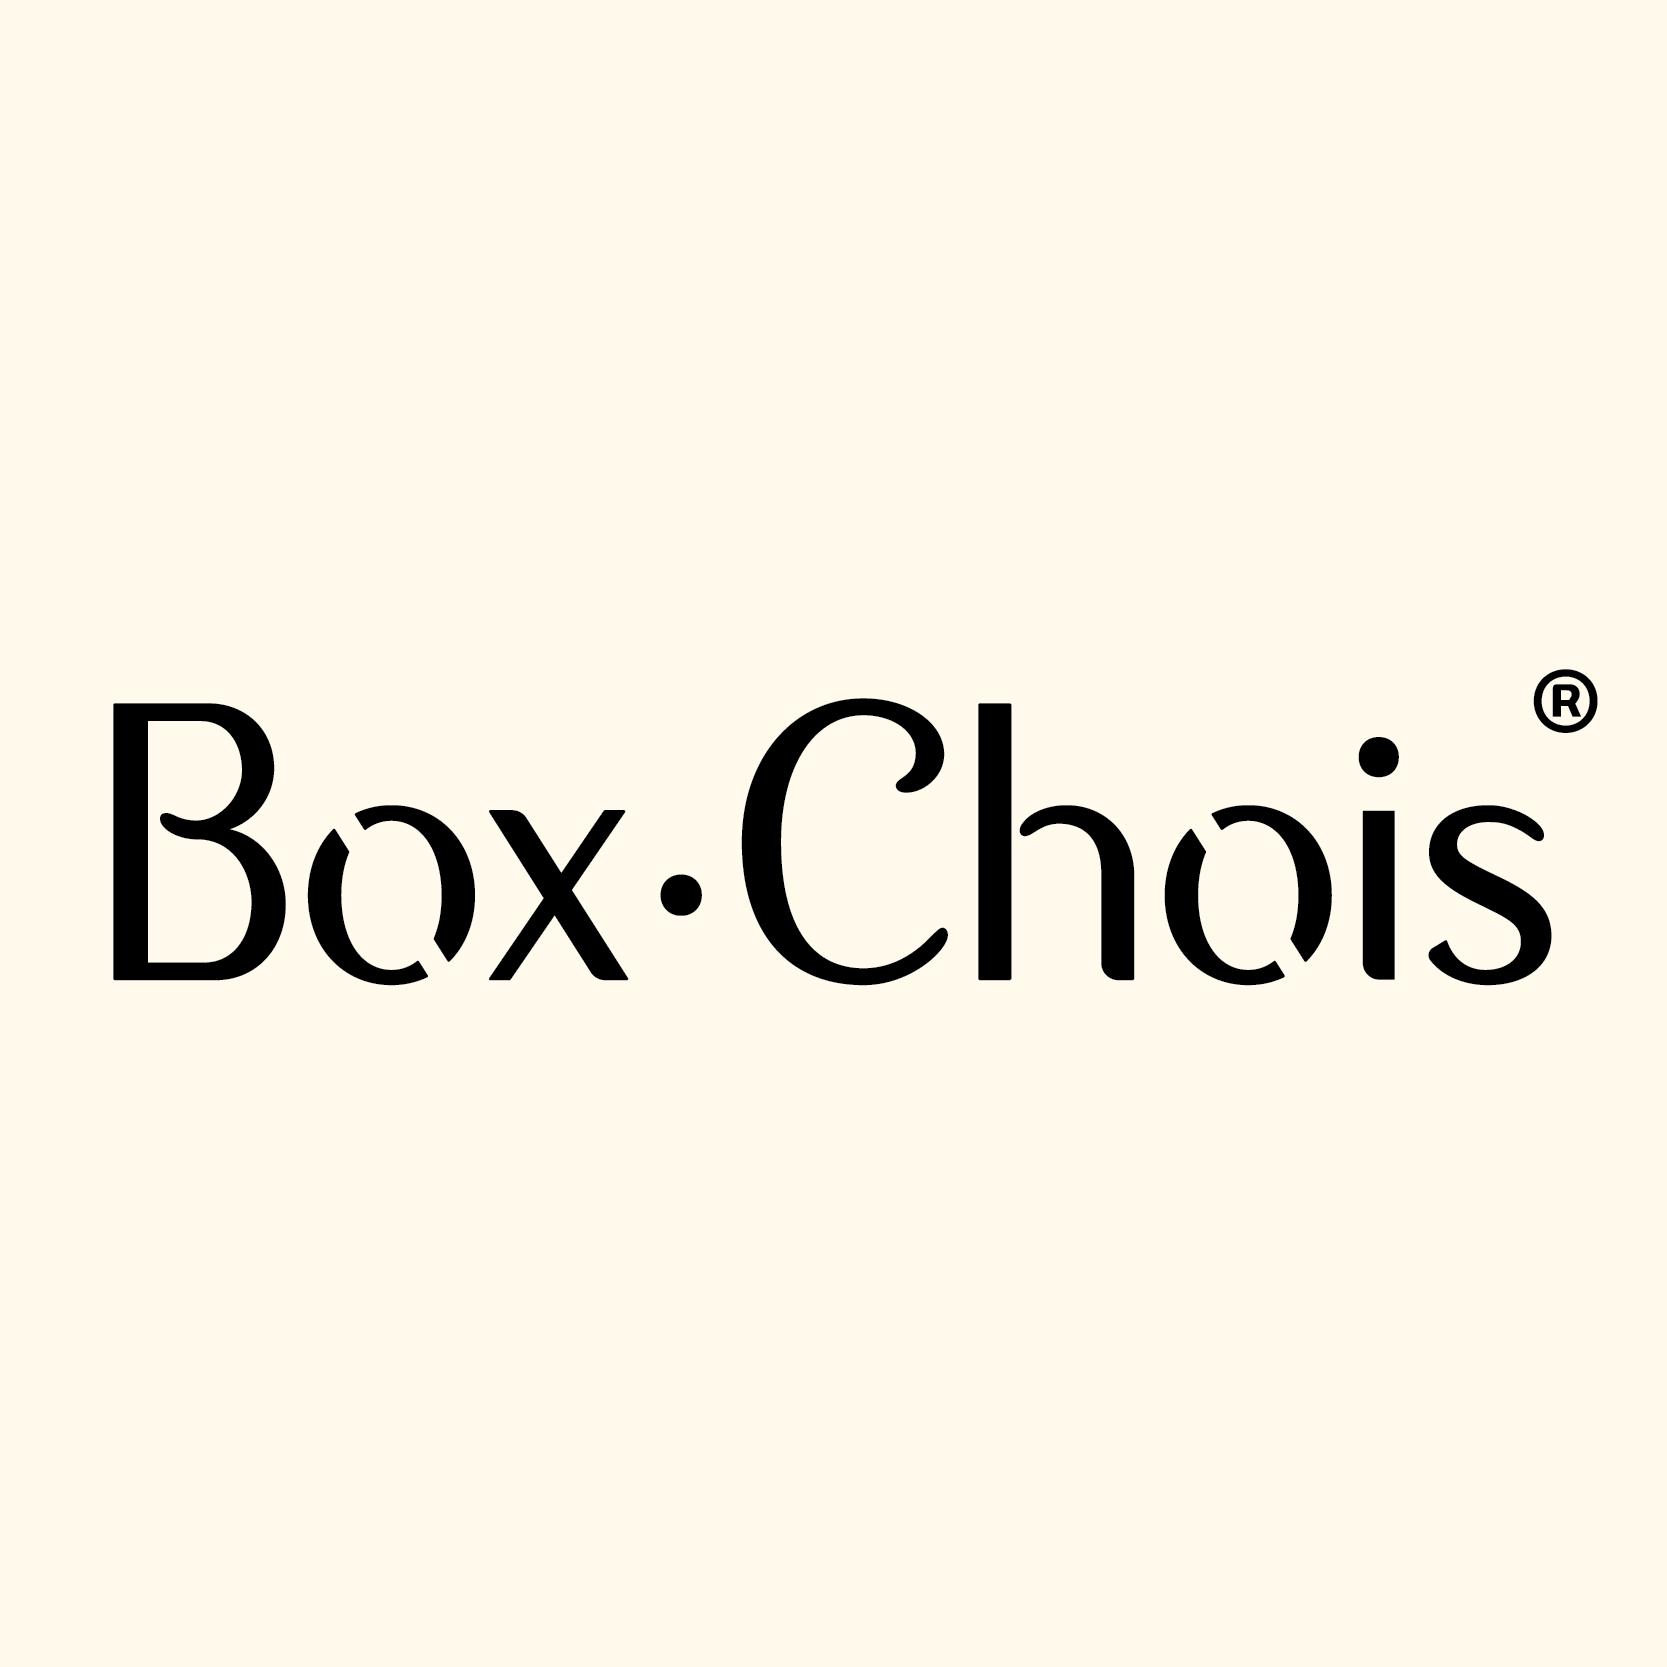 Box Chois